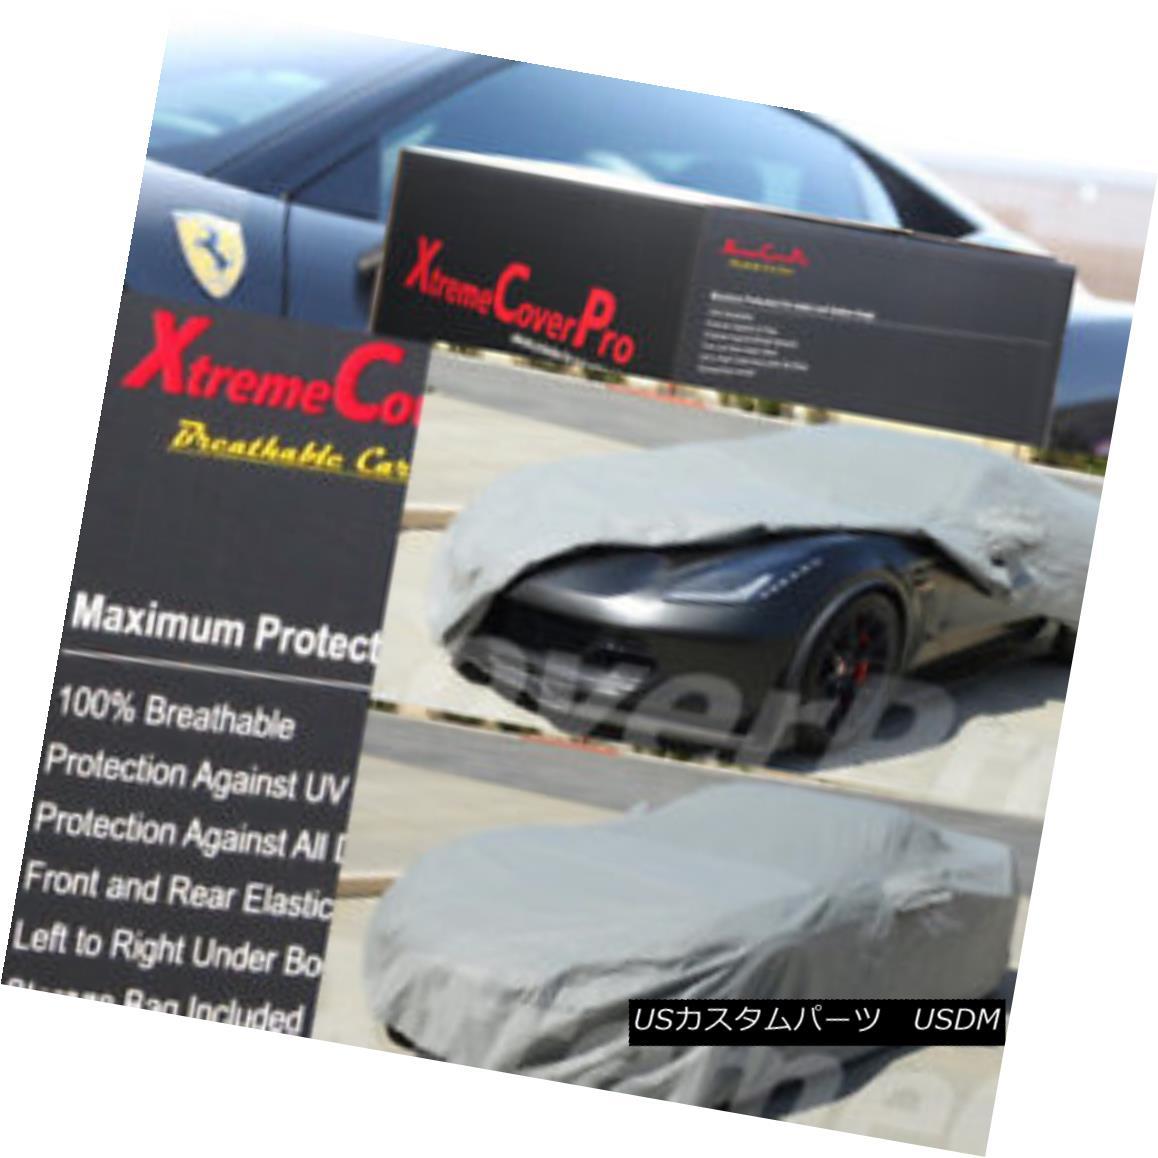 カーカバー CUSTOM FIT CAR COVER FOR 2005 2006 2007 2008 2009 2010 2011 2012 Chevy Corvette カスタムフィット・カー・カバー2005年2007年2008年2009年2010年2011年シボレー・コルベット